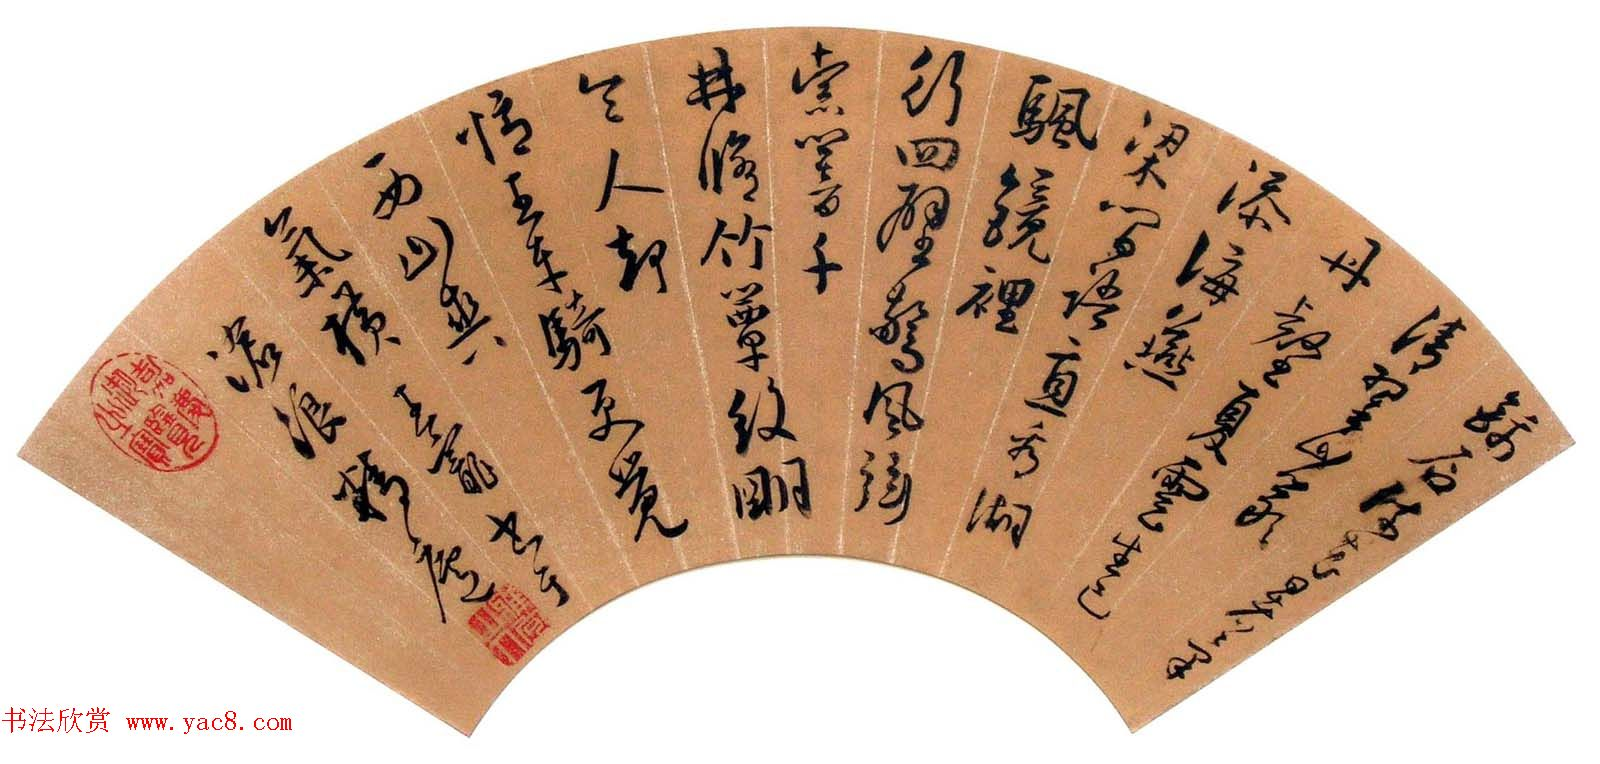 中国明代书画家王宠书法扇面作品专辑(5)图片